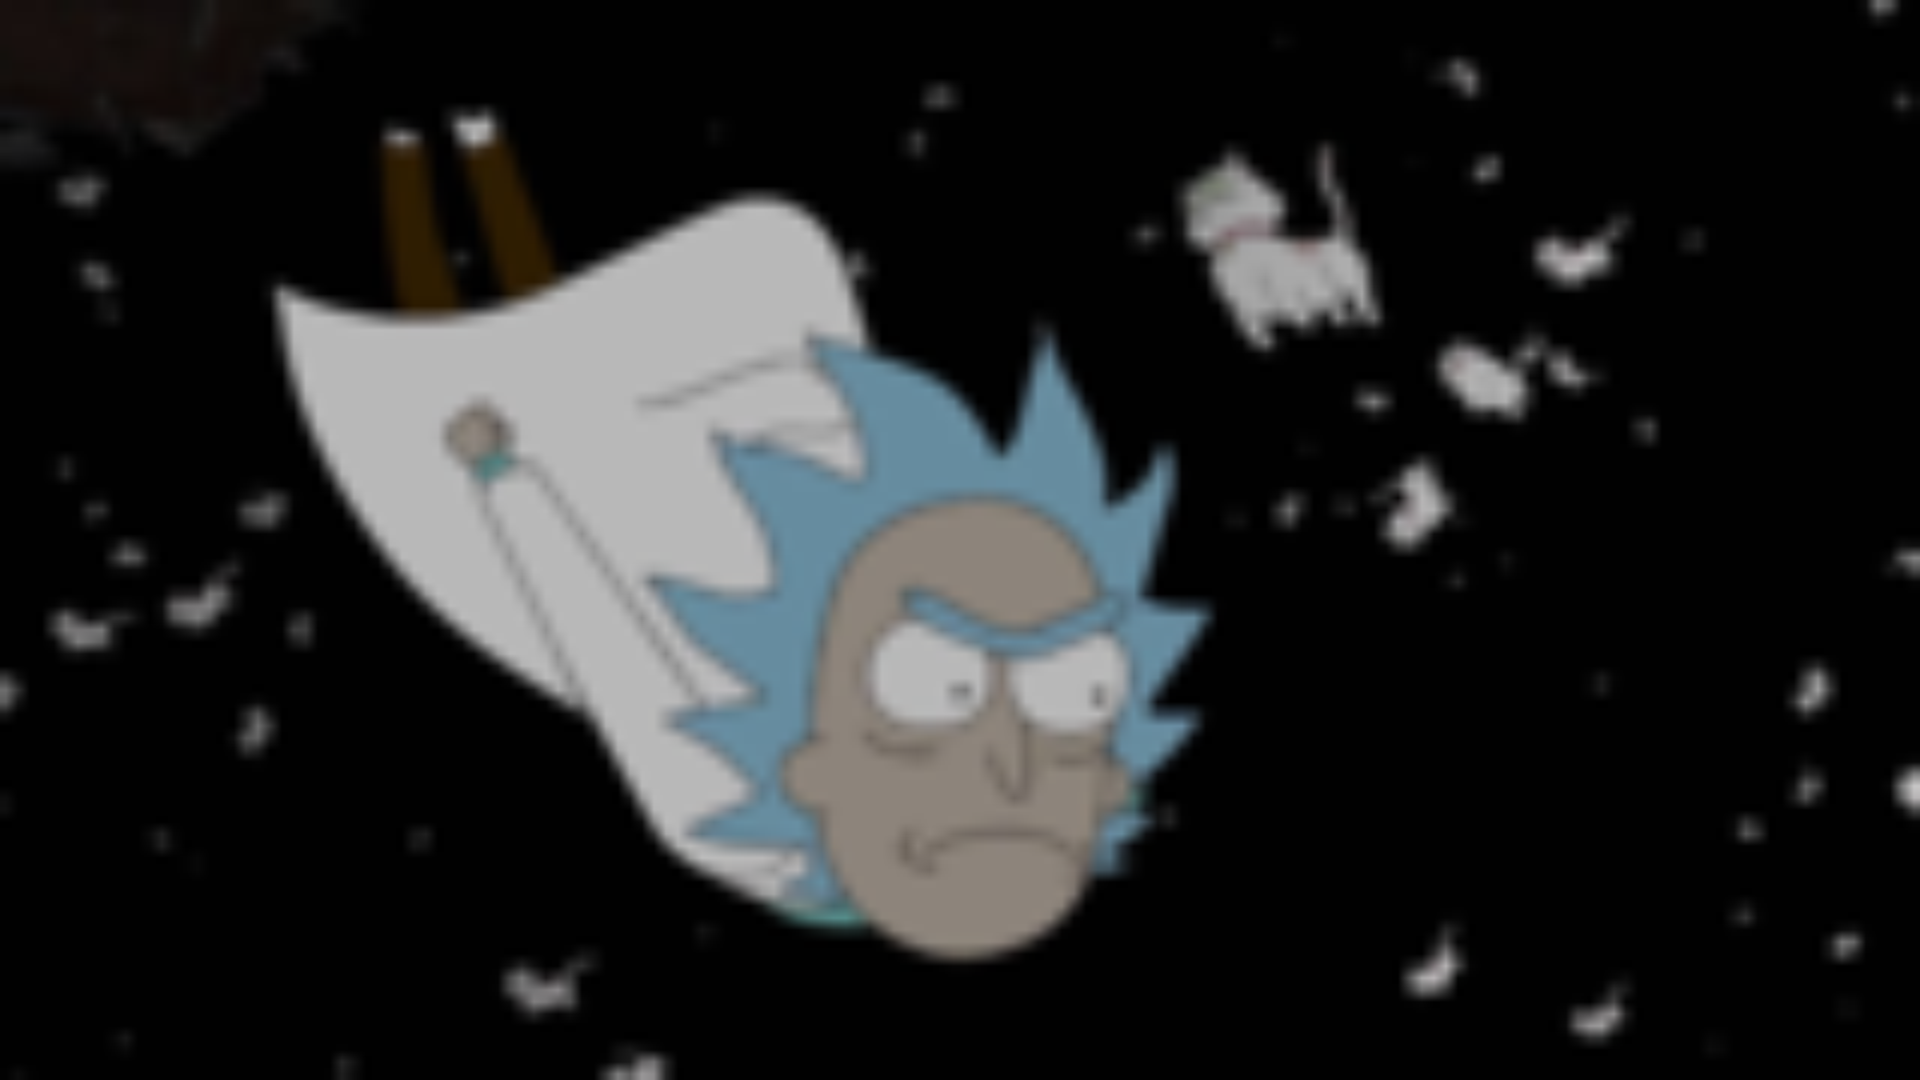 【瑞莫】他是个秃顶疯老头,却也是个爱孙子的超人,这集看哭太多人